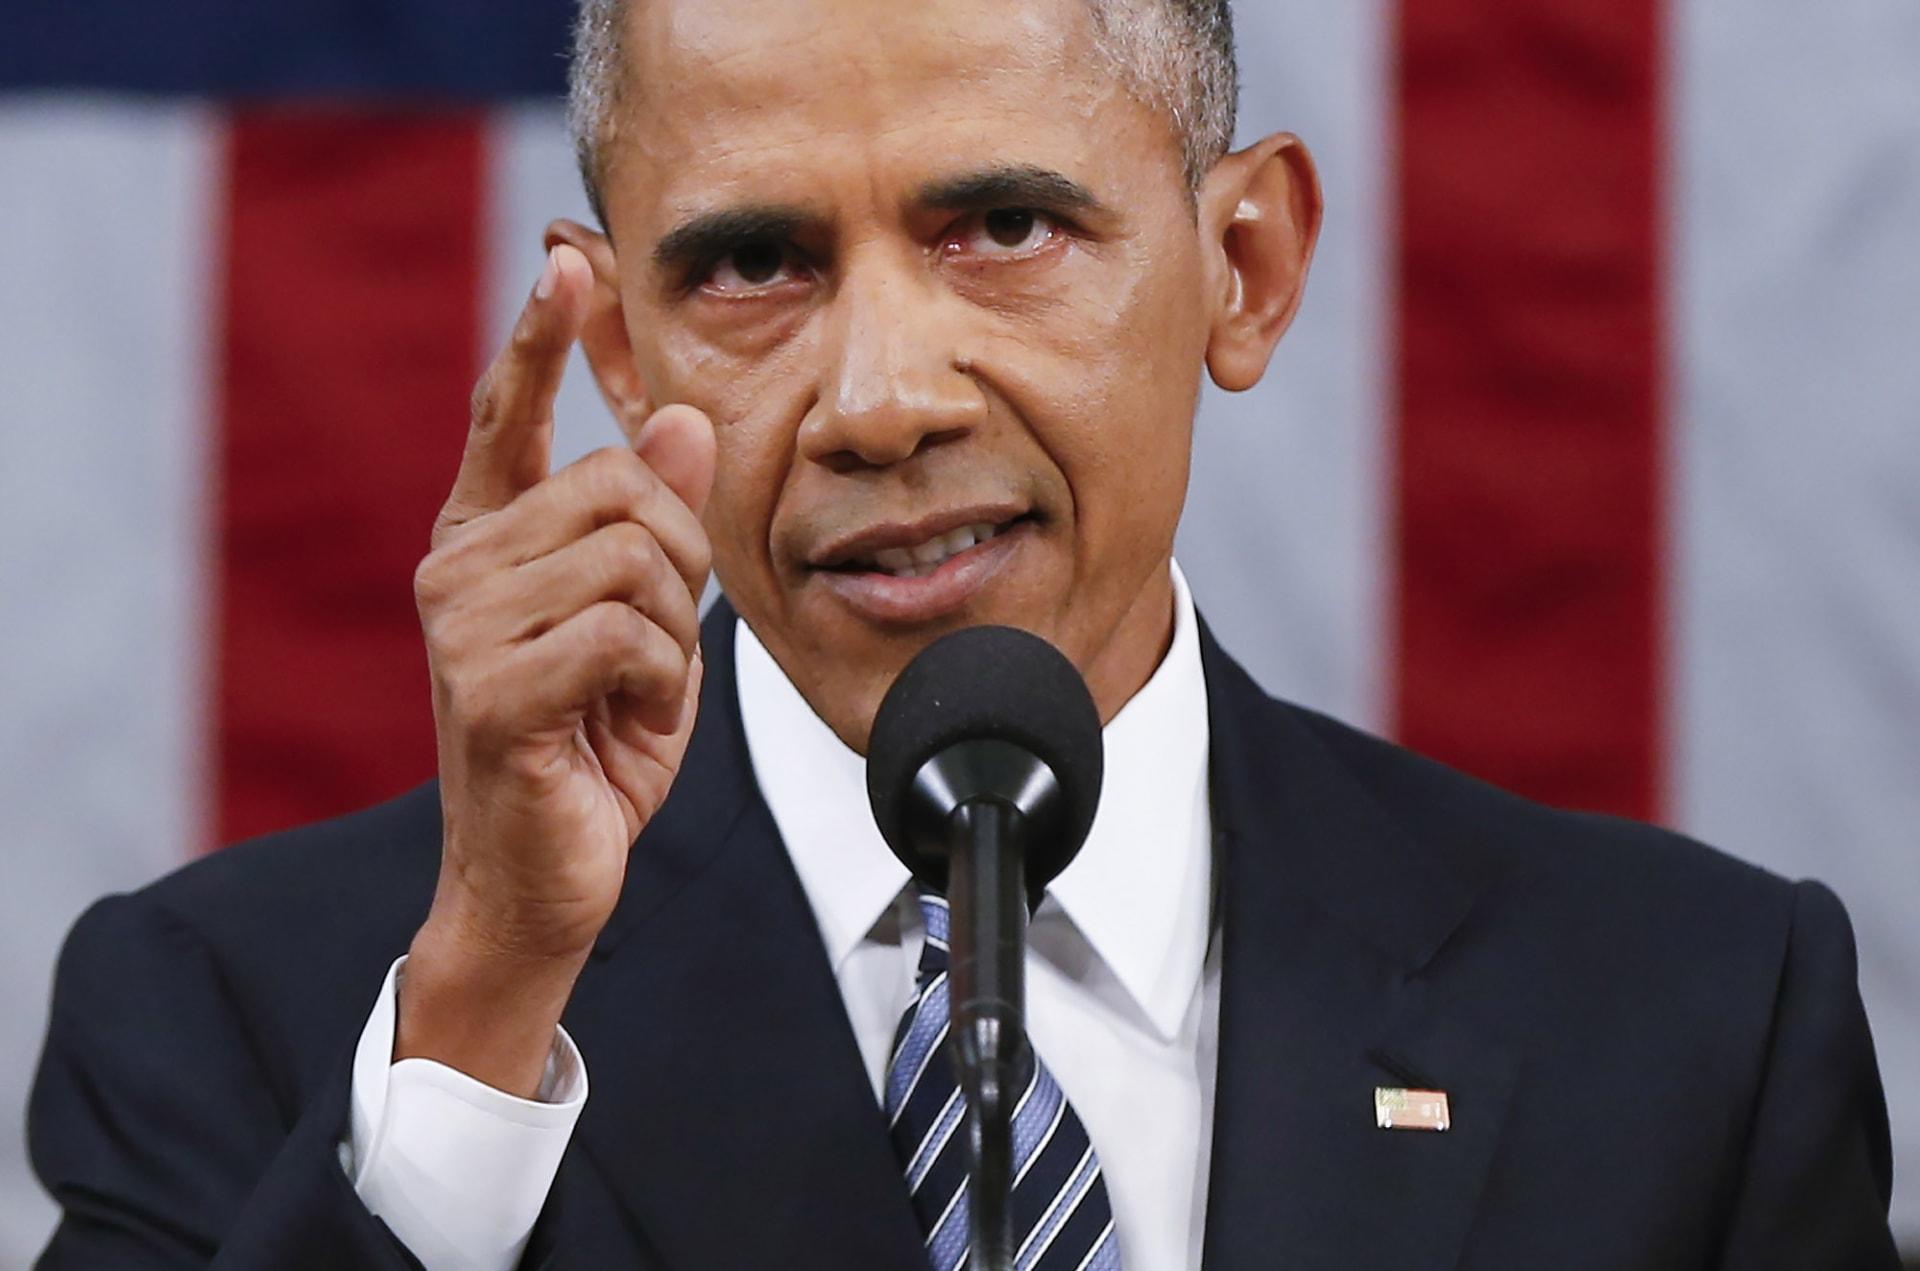 أوباما: استخدام قوات برية للإطاحة بالأسد سيكون خطأ.. وبوسعنا الضغط على روسيا وإيران لتسوية الأزمة السورية سياسيا